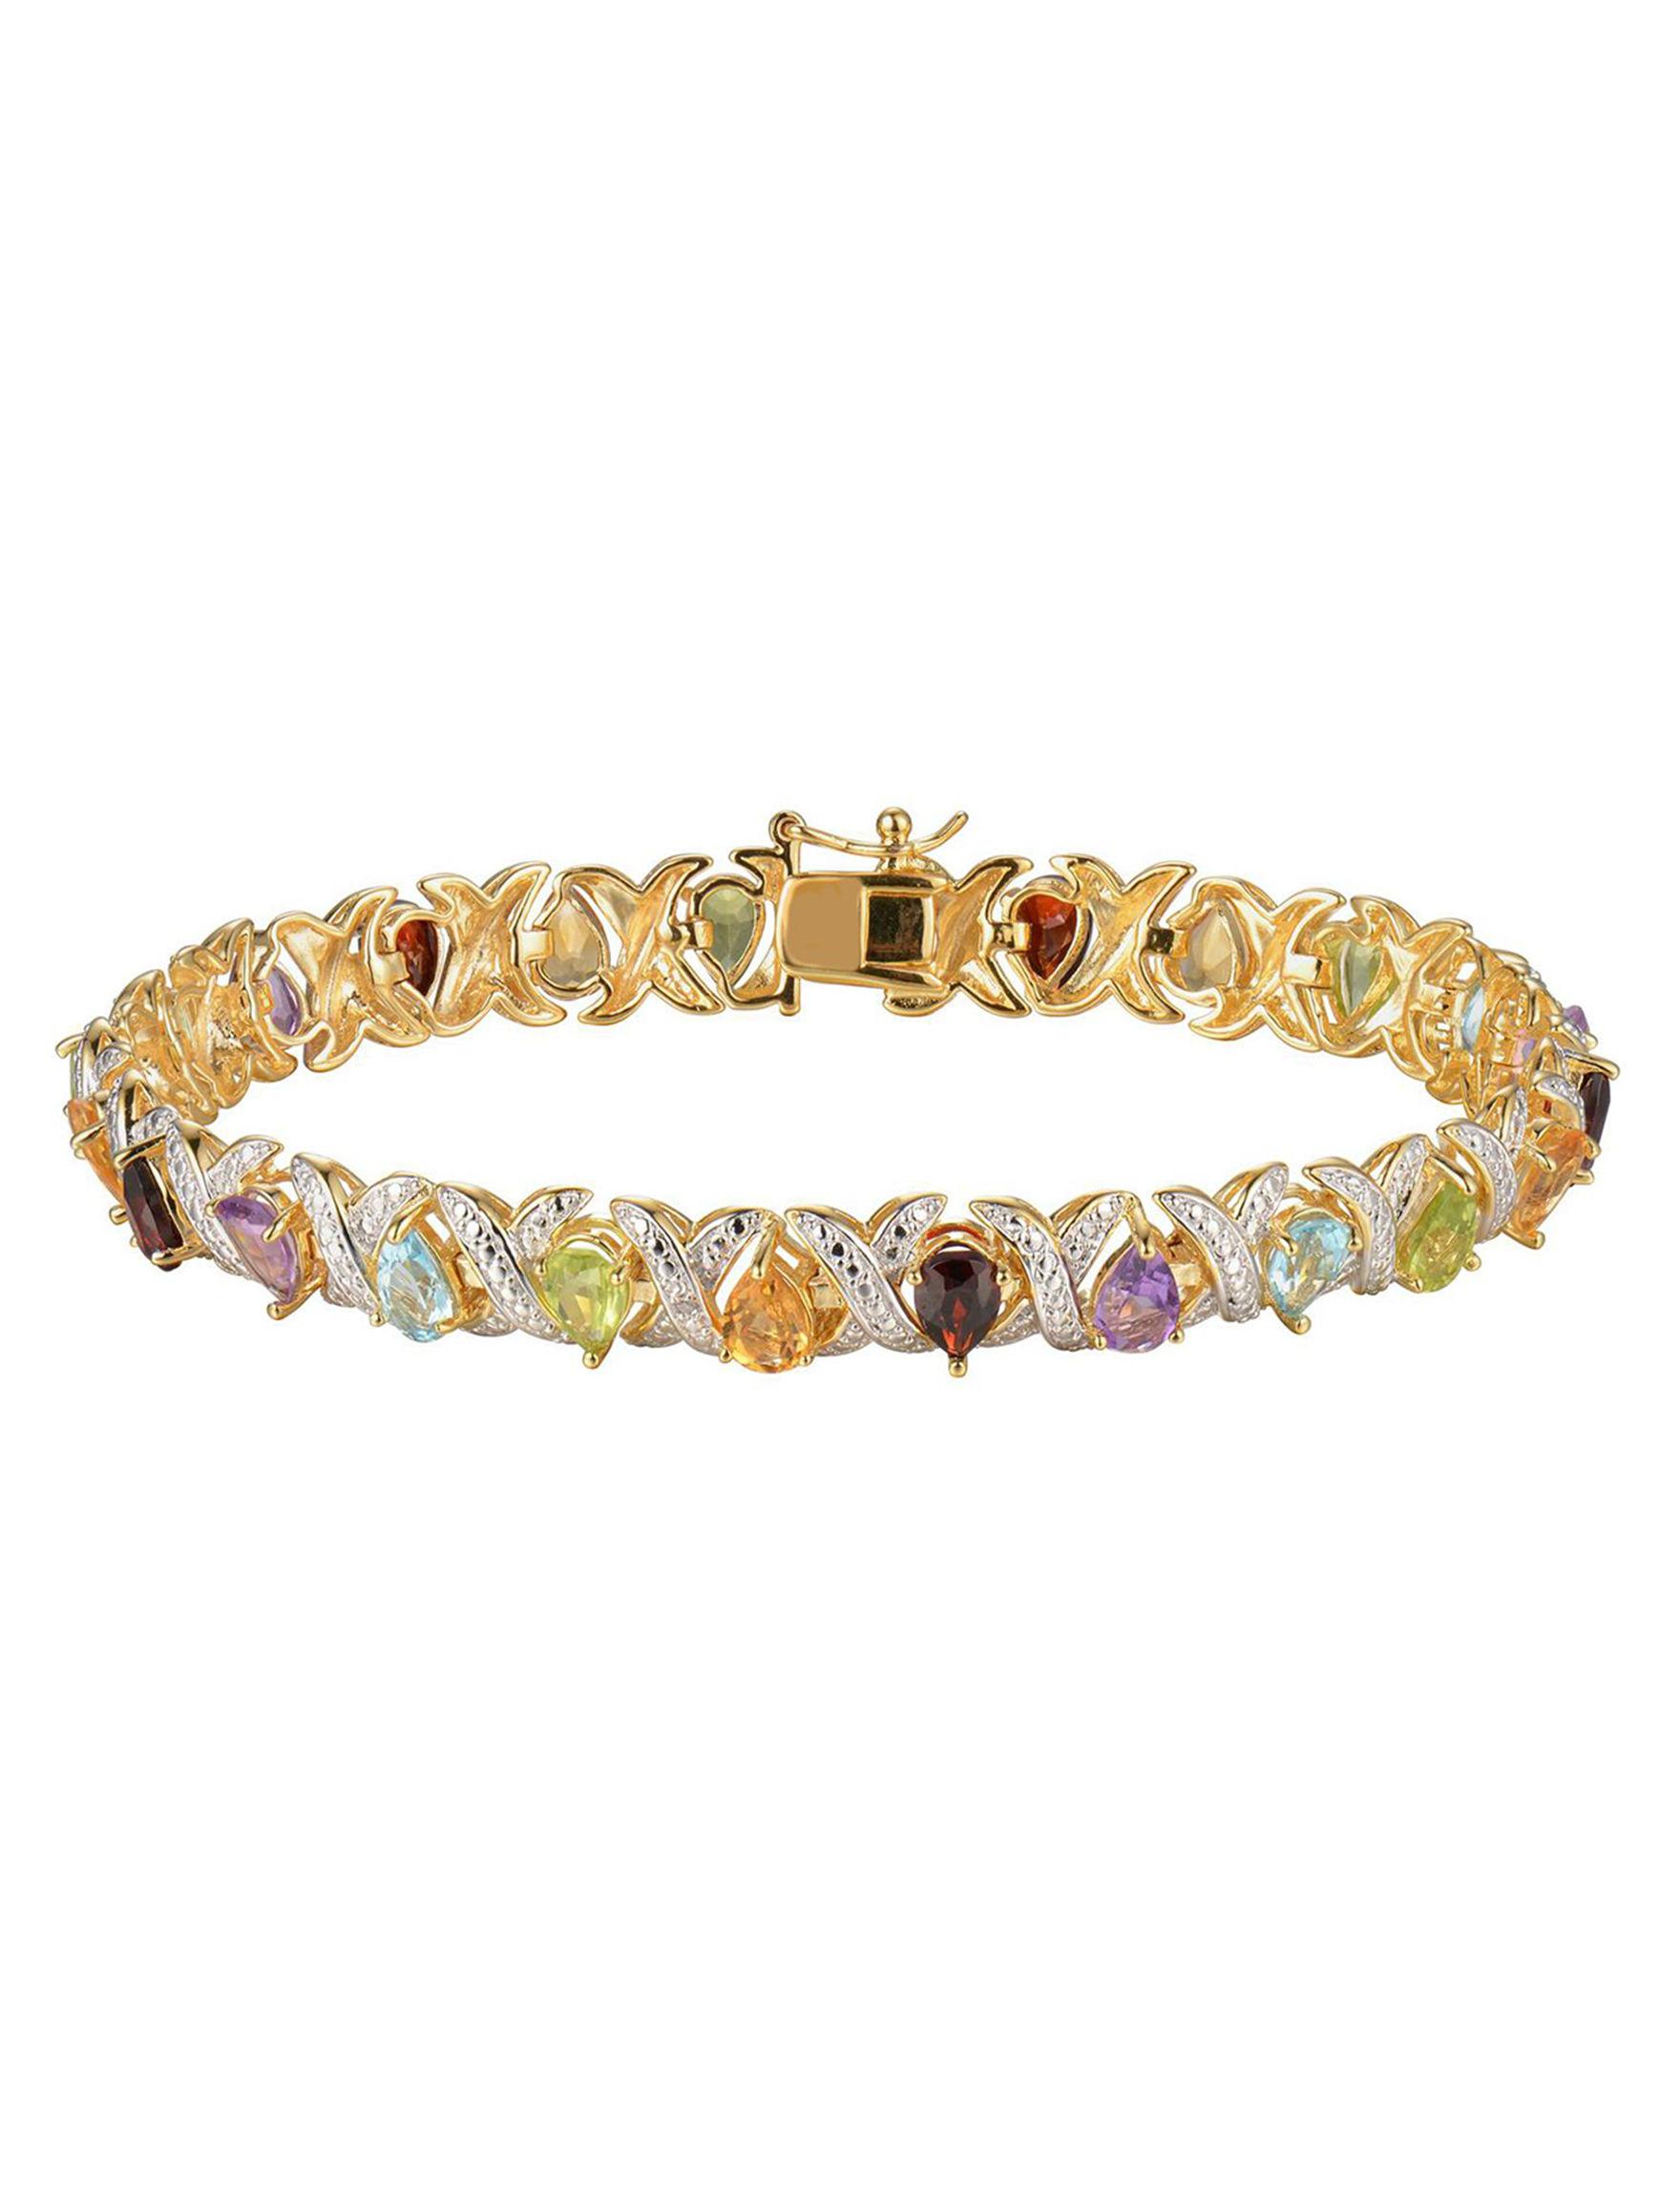 PAJ INC. Gold / Gemstone Bracelets Fine Jewelry